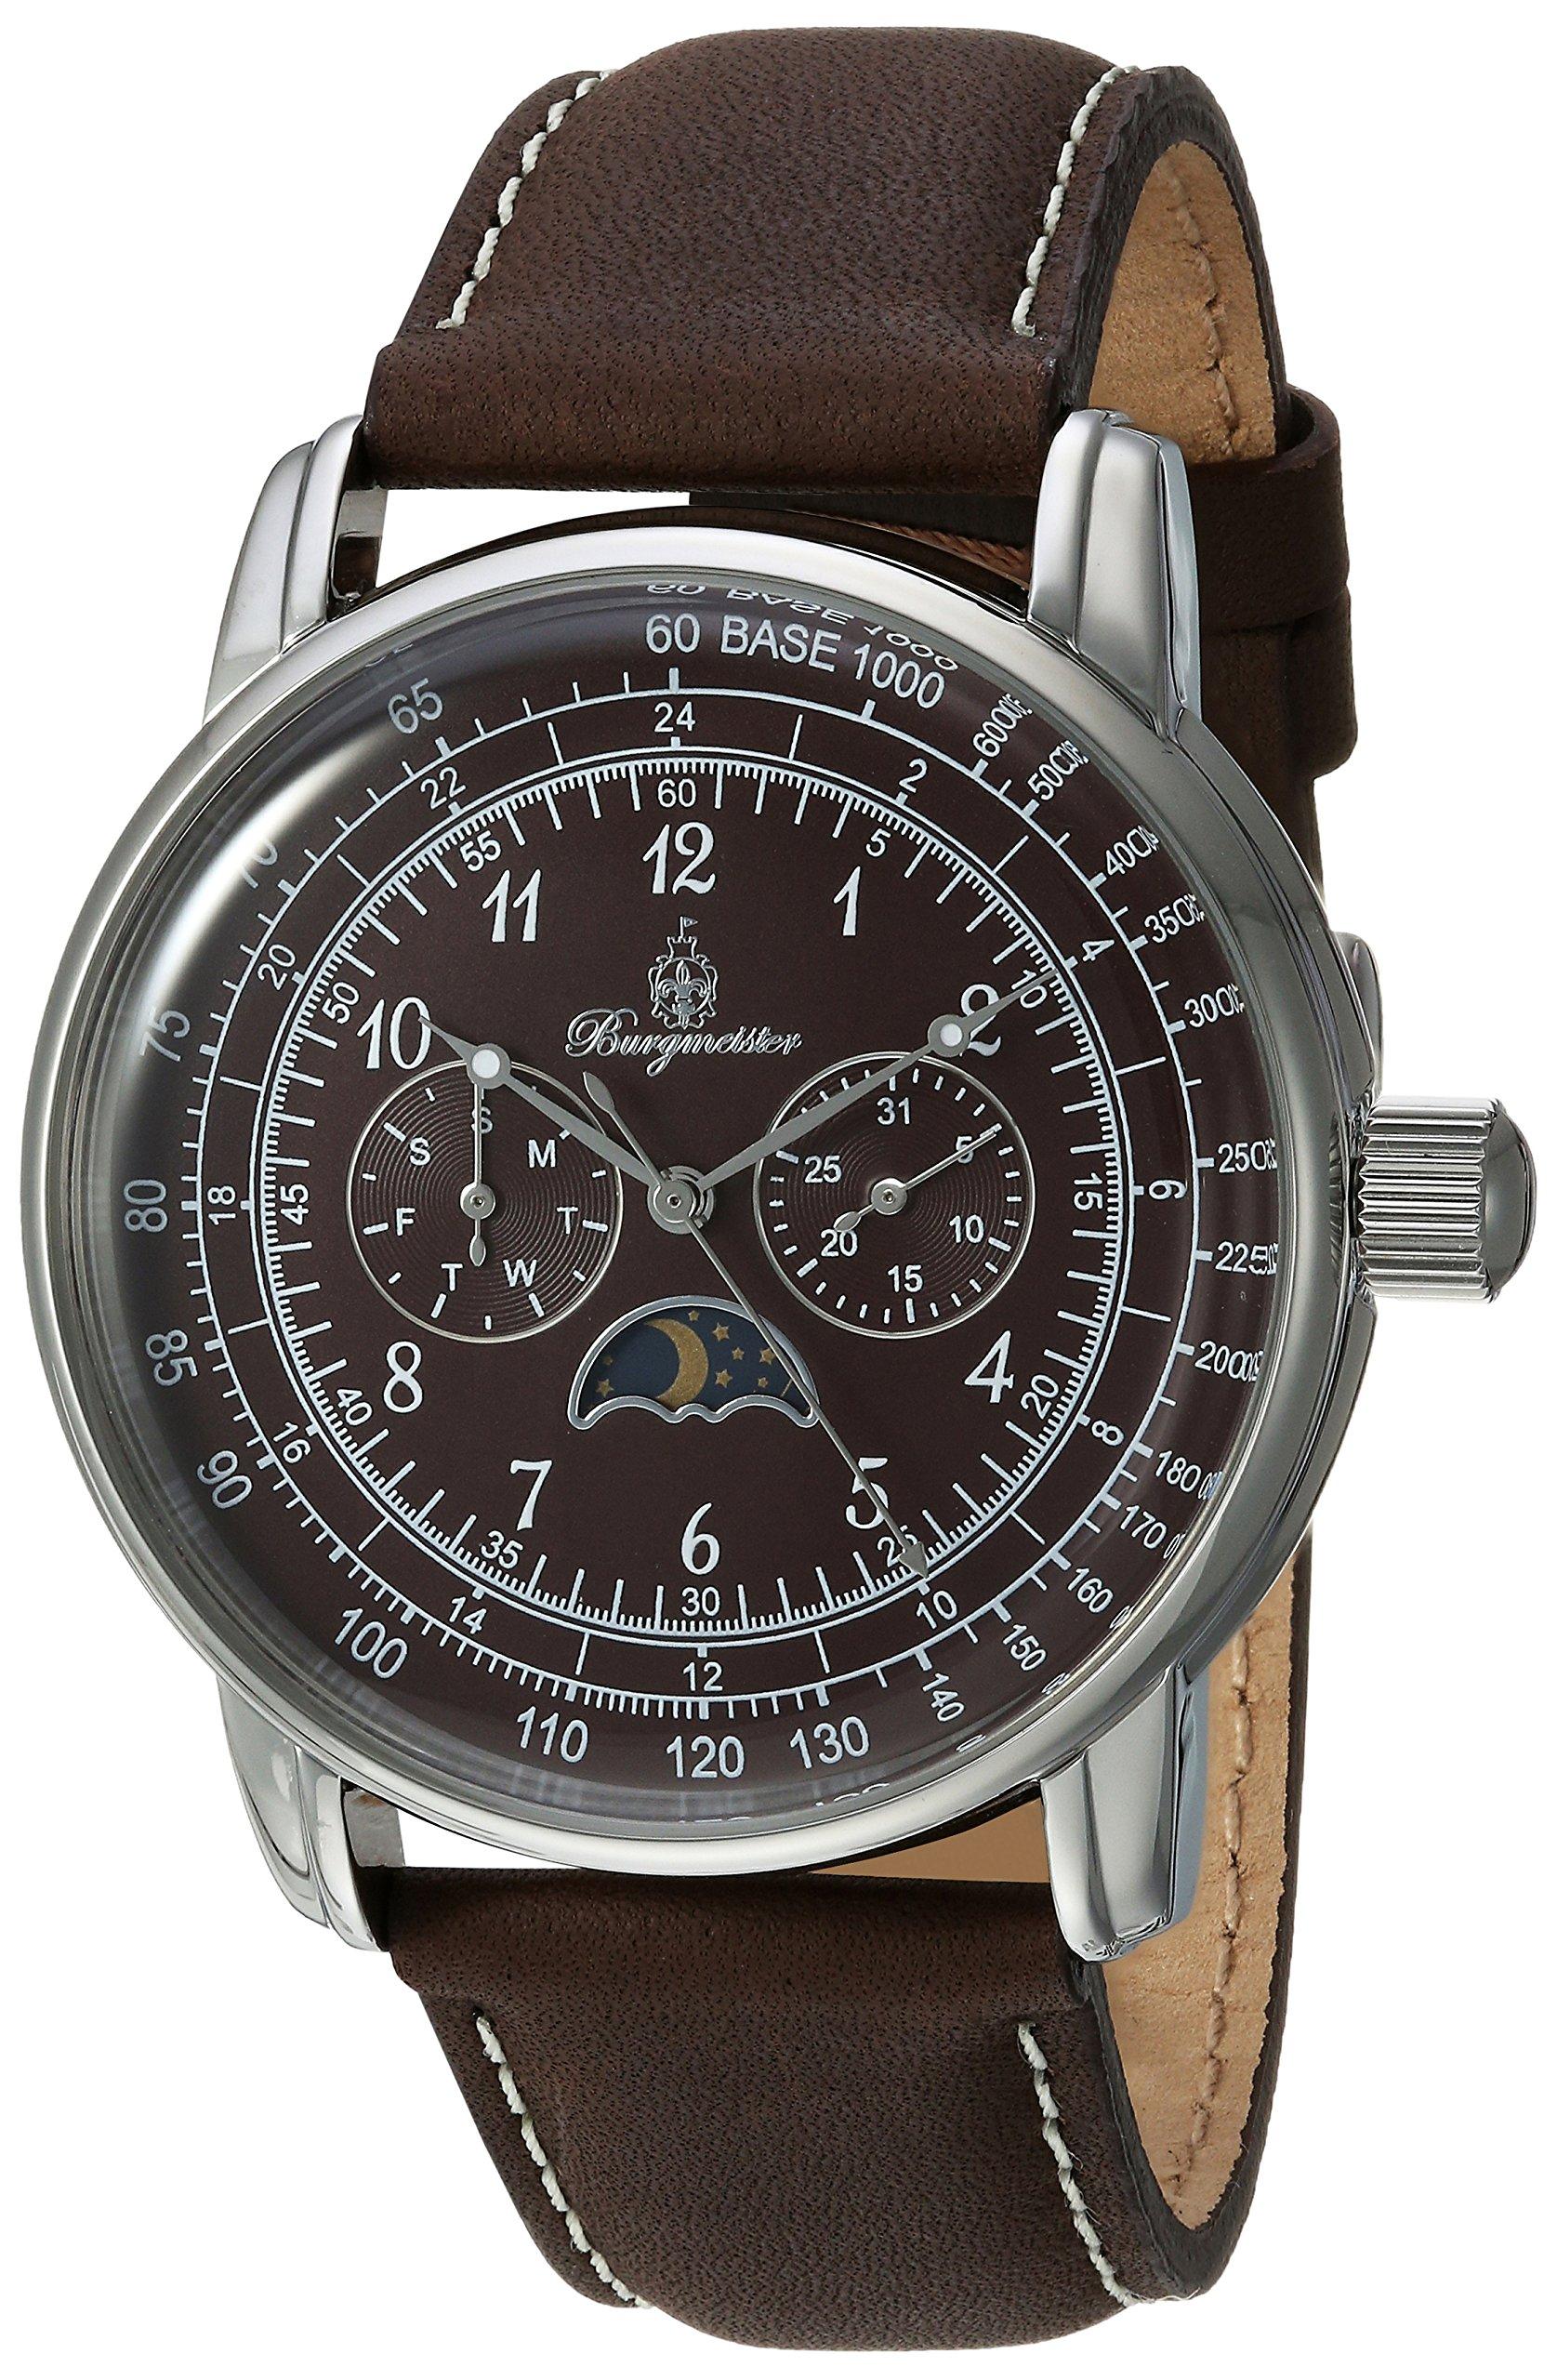 Burgmeister-Armbanduhr-fr-Herren-mit-Analog-Anzeige-Quarz-Uhr-und-Lederarmband-Wasserdichte-Herrenuhr-mit-zeitlosem-schickem-Design-klassische-Uhr-fr-Mnner-BM335-195-Linz